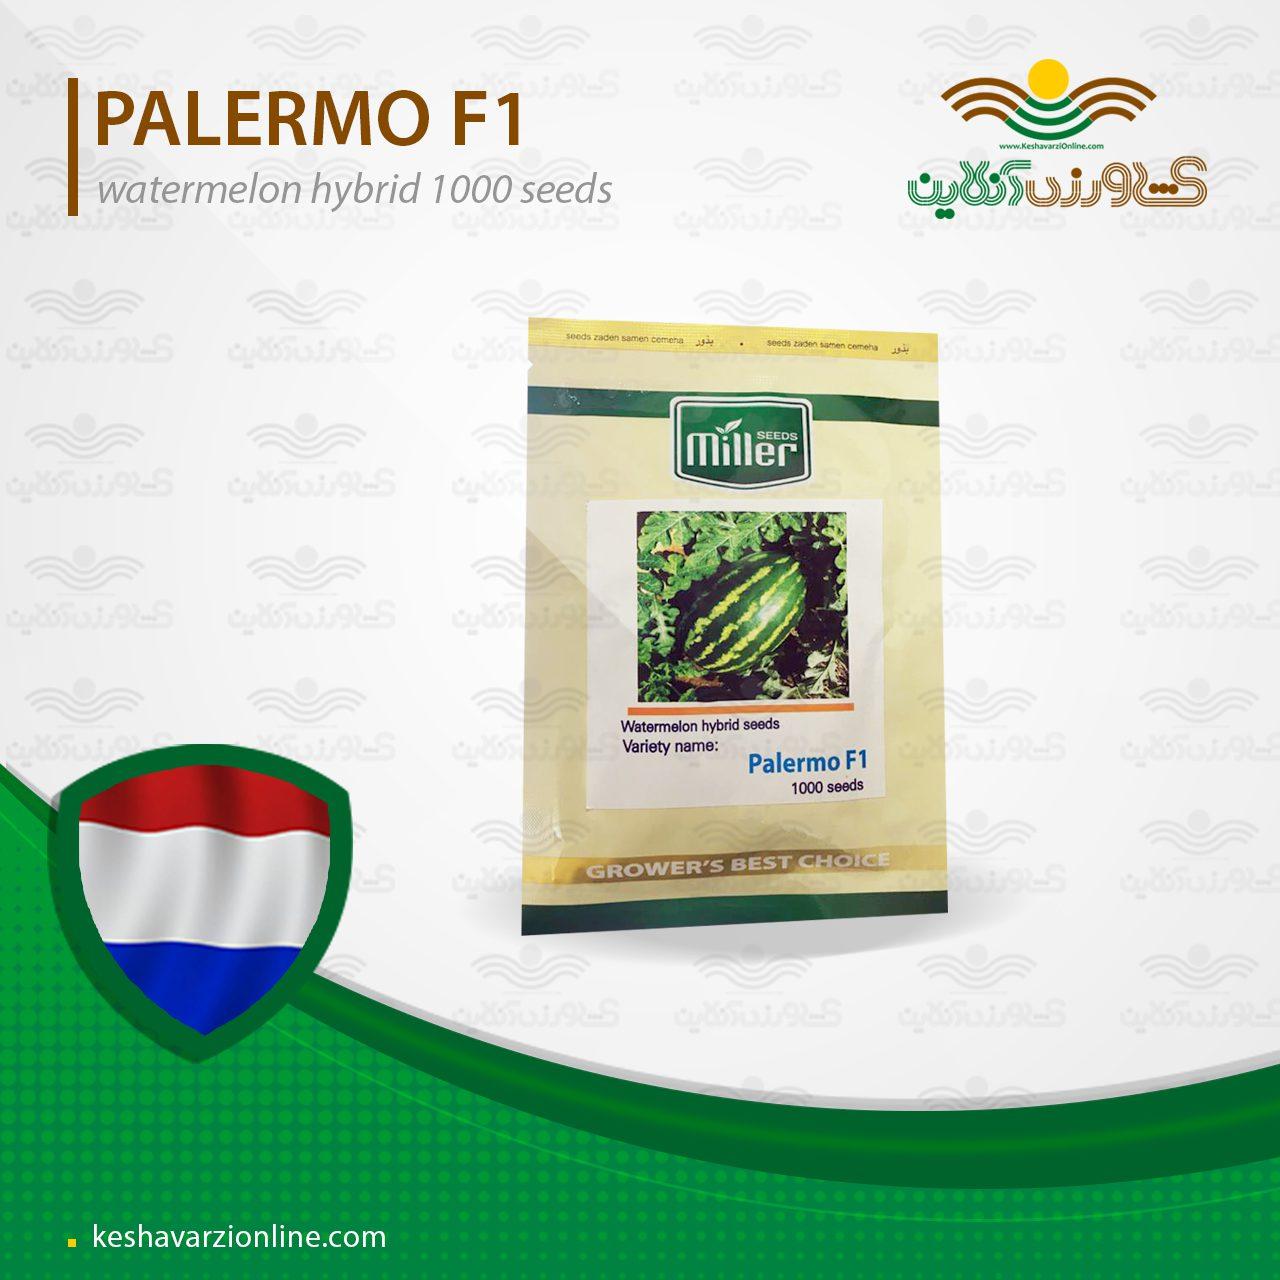 بذر هندوانه خطی هیبرید پالرمو